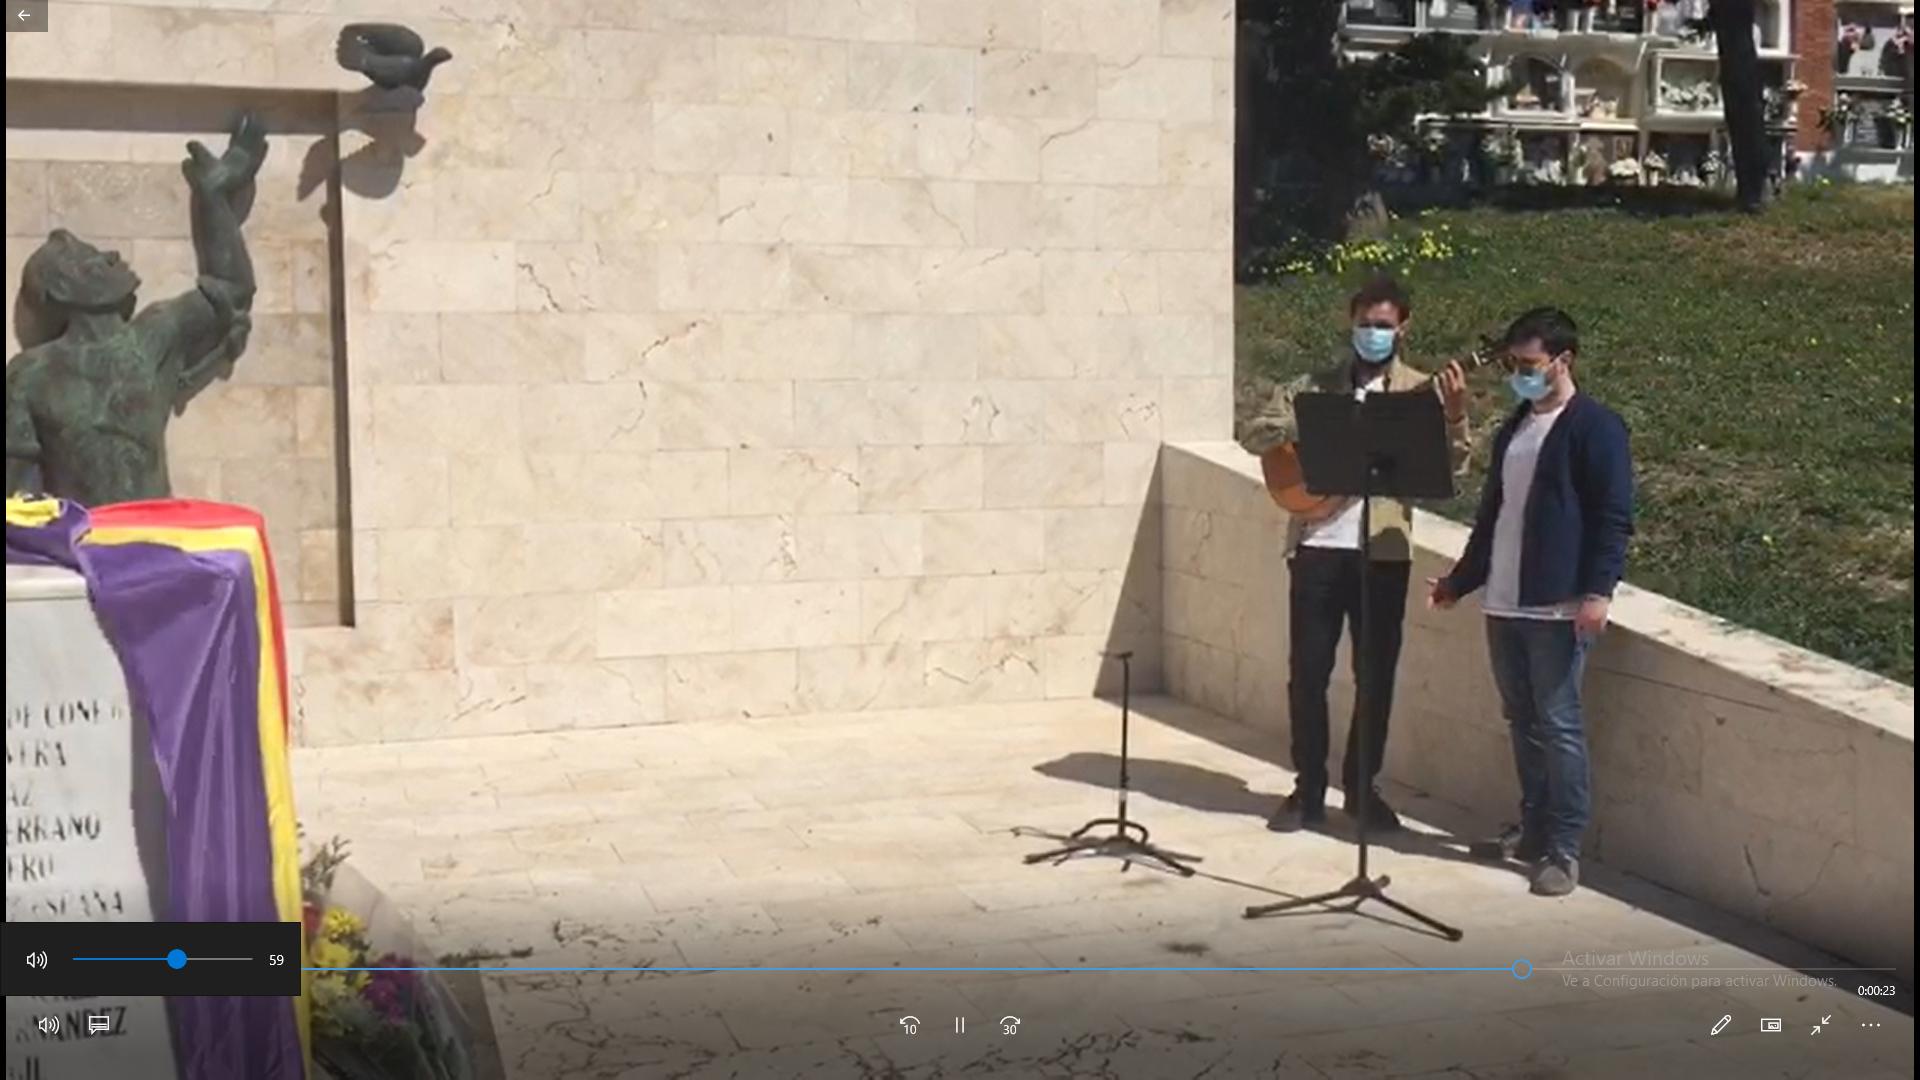 José Francisco Castro y Curro Moya cantan en el cementerio de Tarifa en recuerdo a las víctimas del franquismo, hoy sábado 17 de abril.